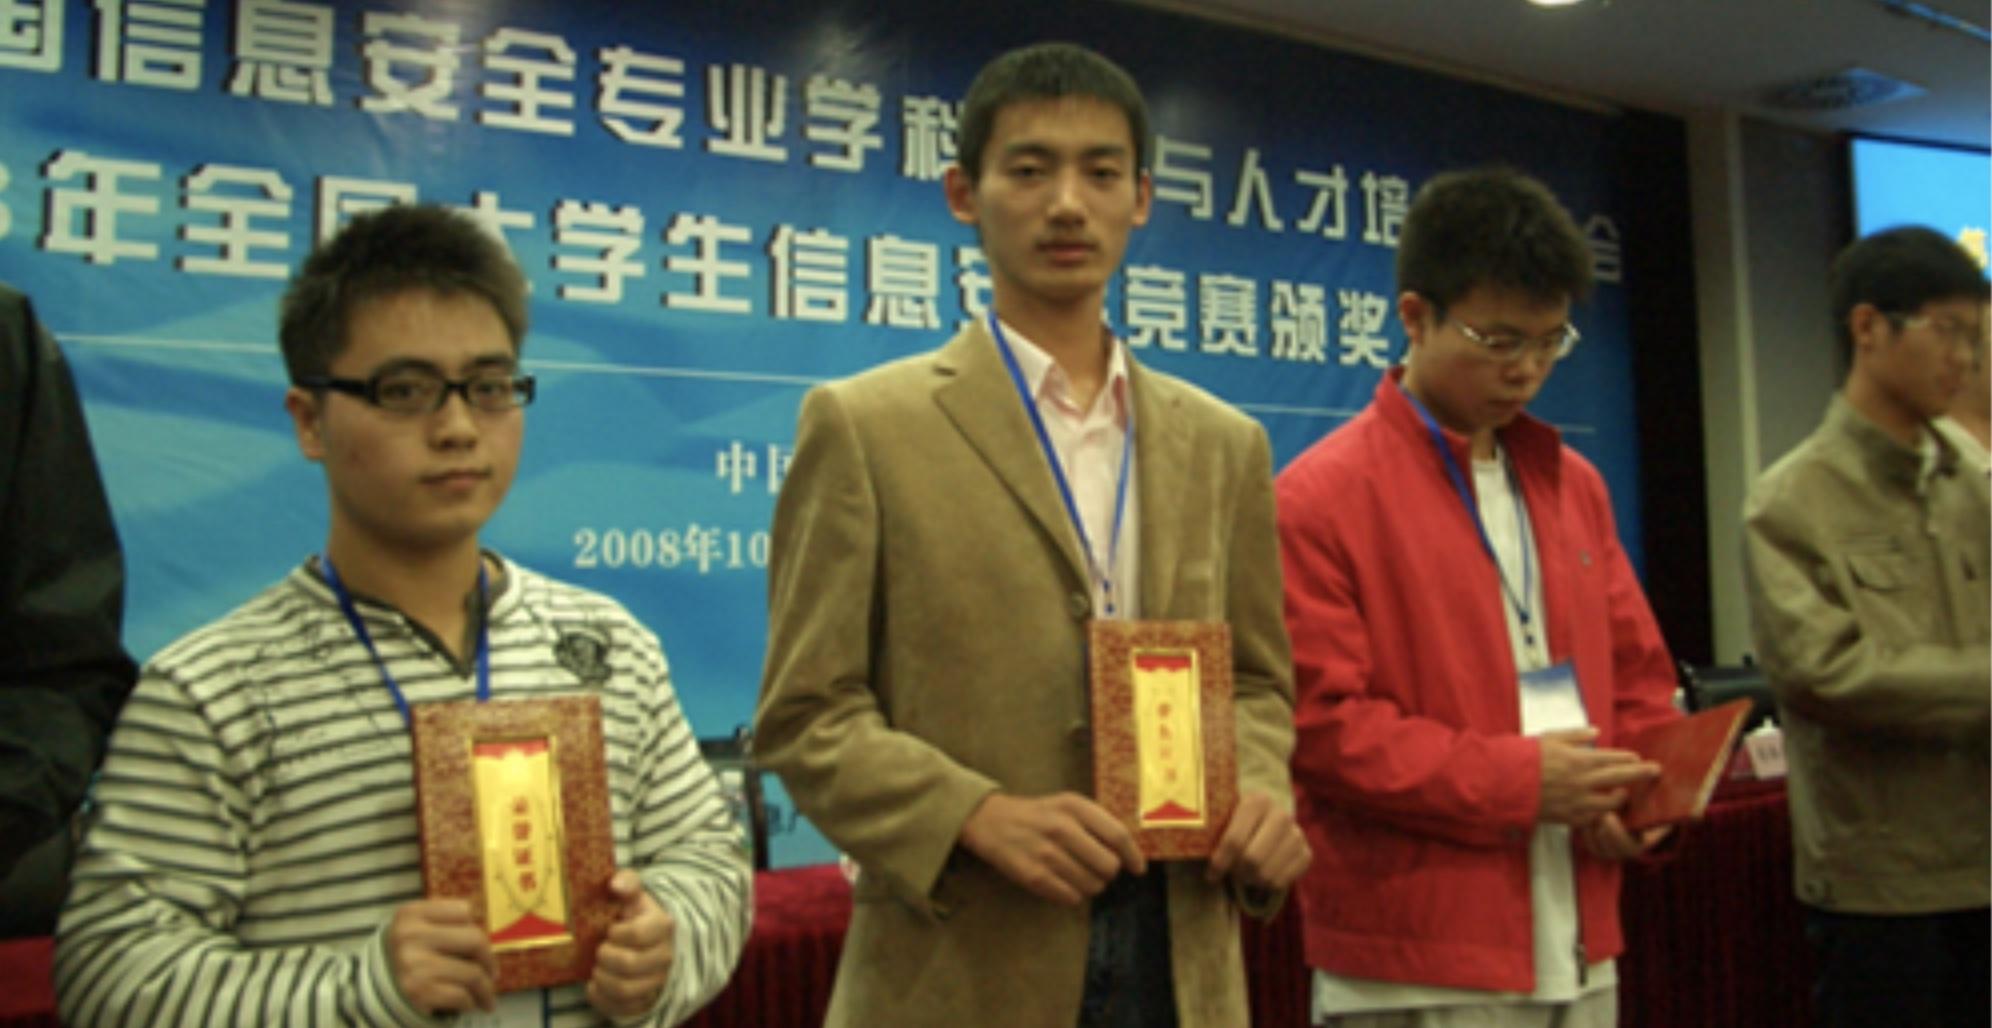 2008年全国大学生信息安全竞赛我校计算机学院参赛队摘获一项三等奖